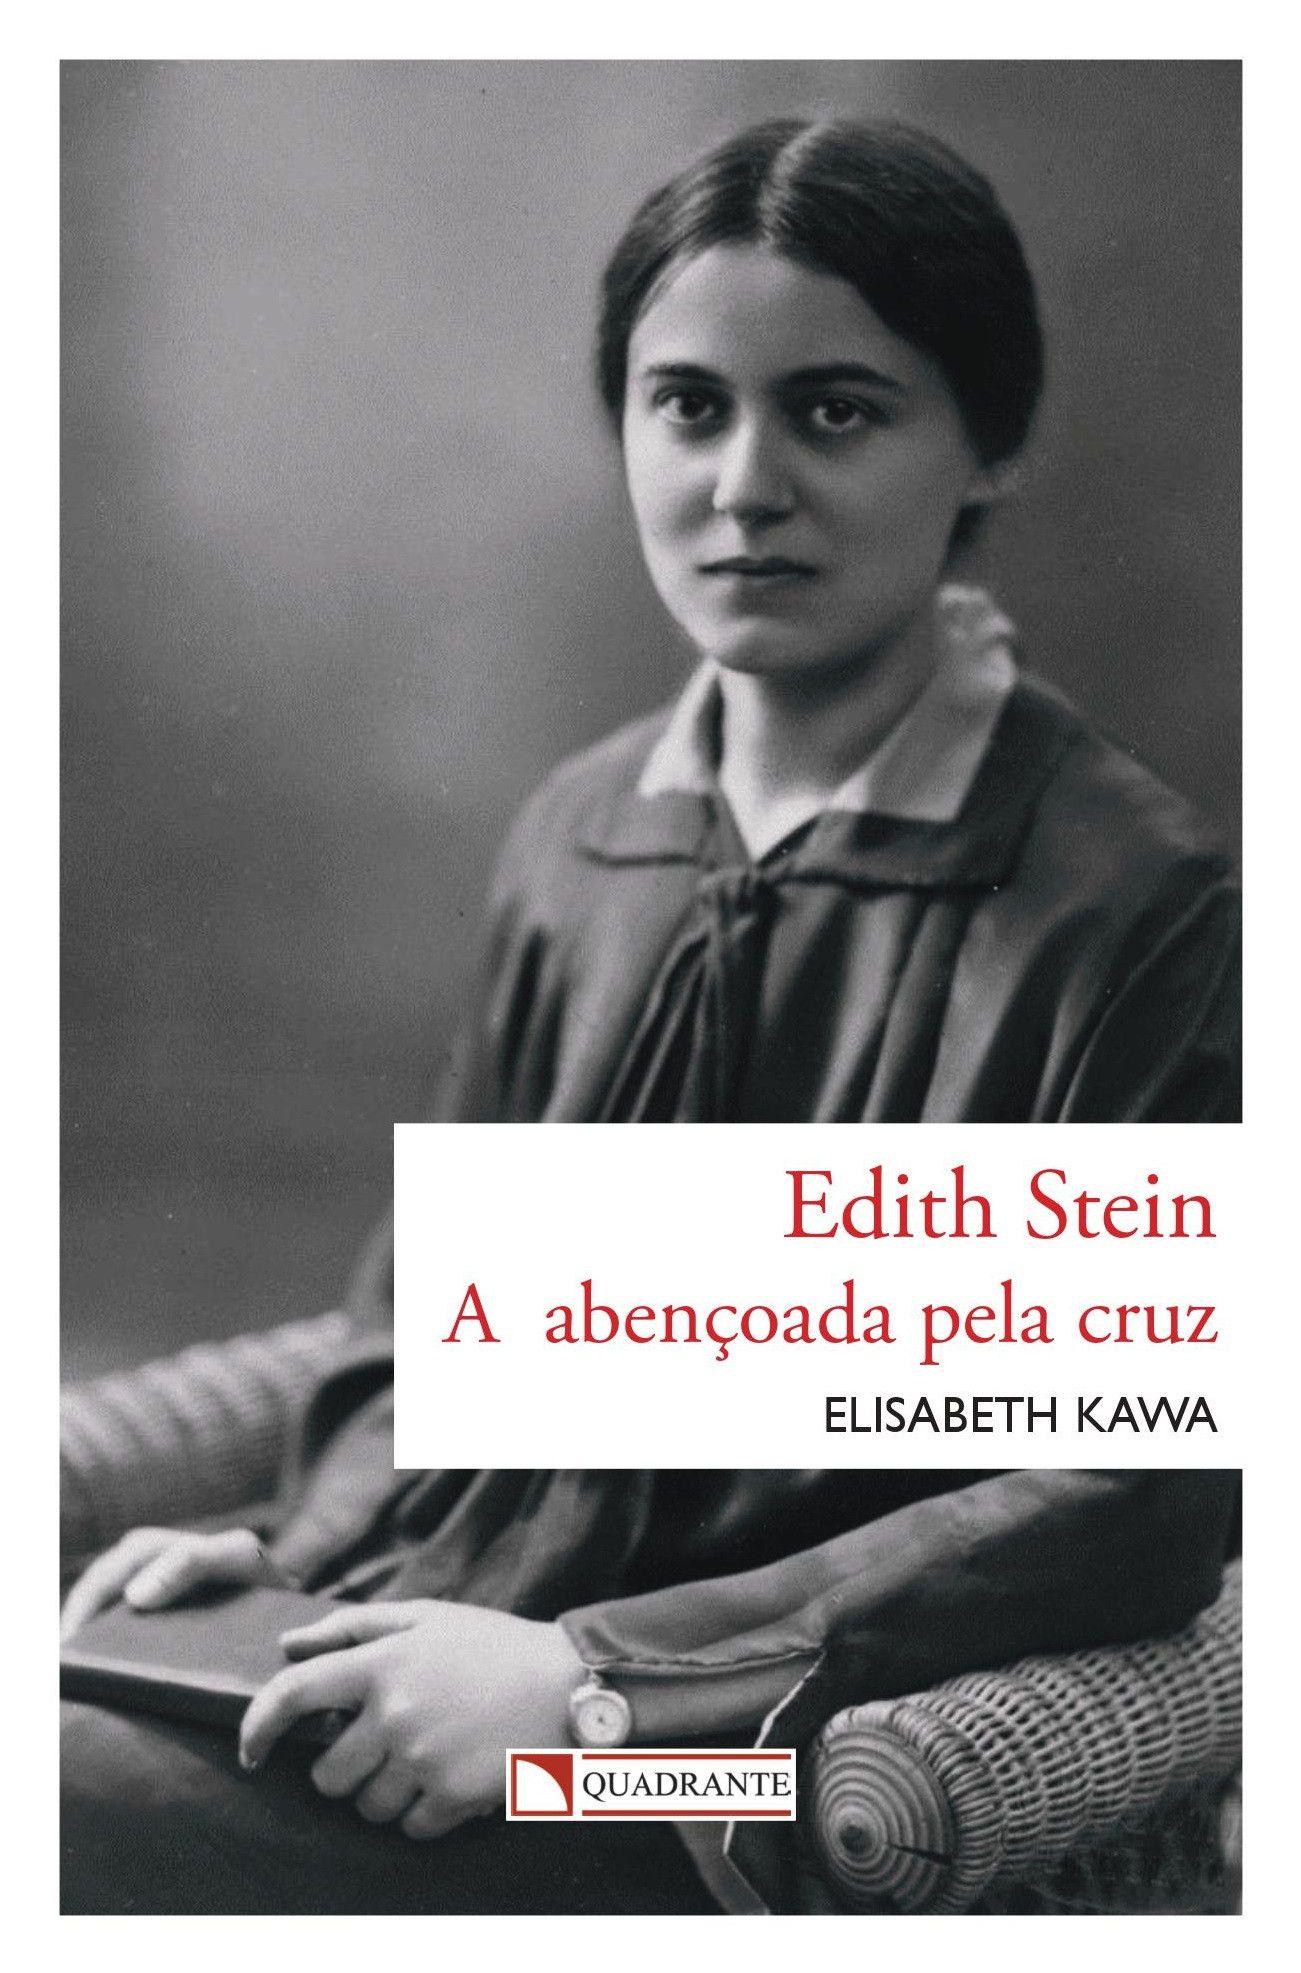 Livro A Edith Stein - abençoada pela cruz